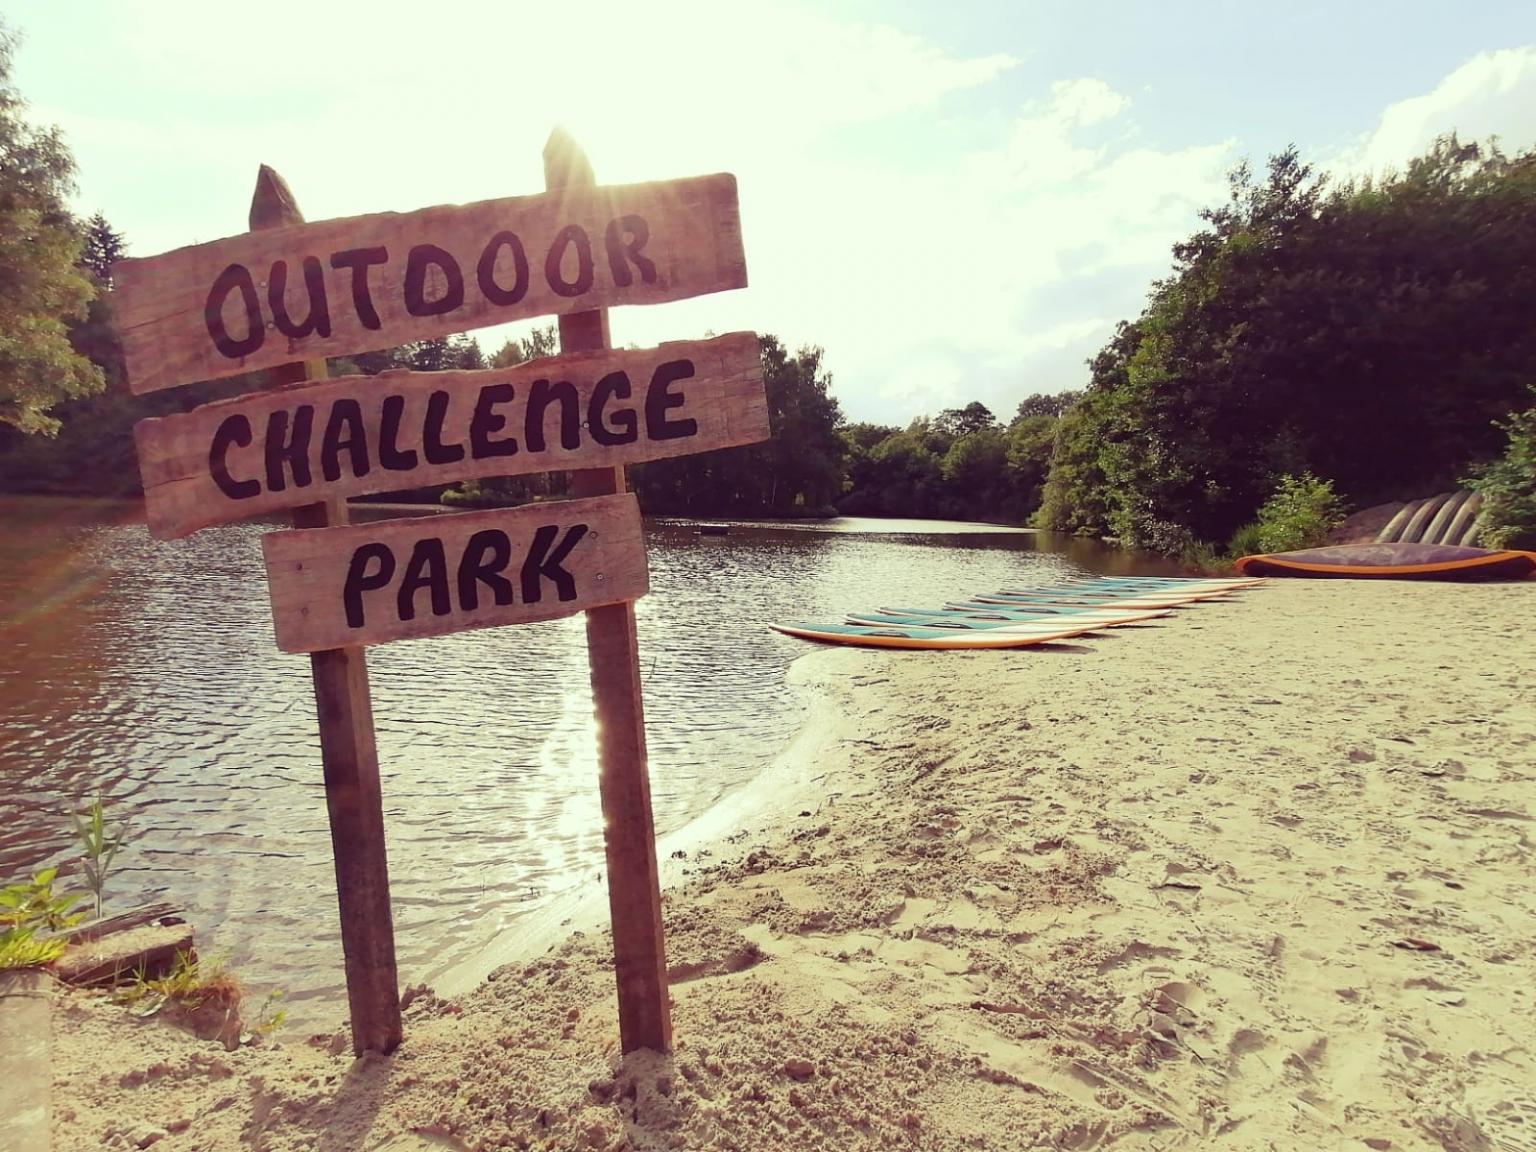 6-10 september Outdoor Challenge Week